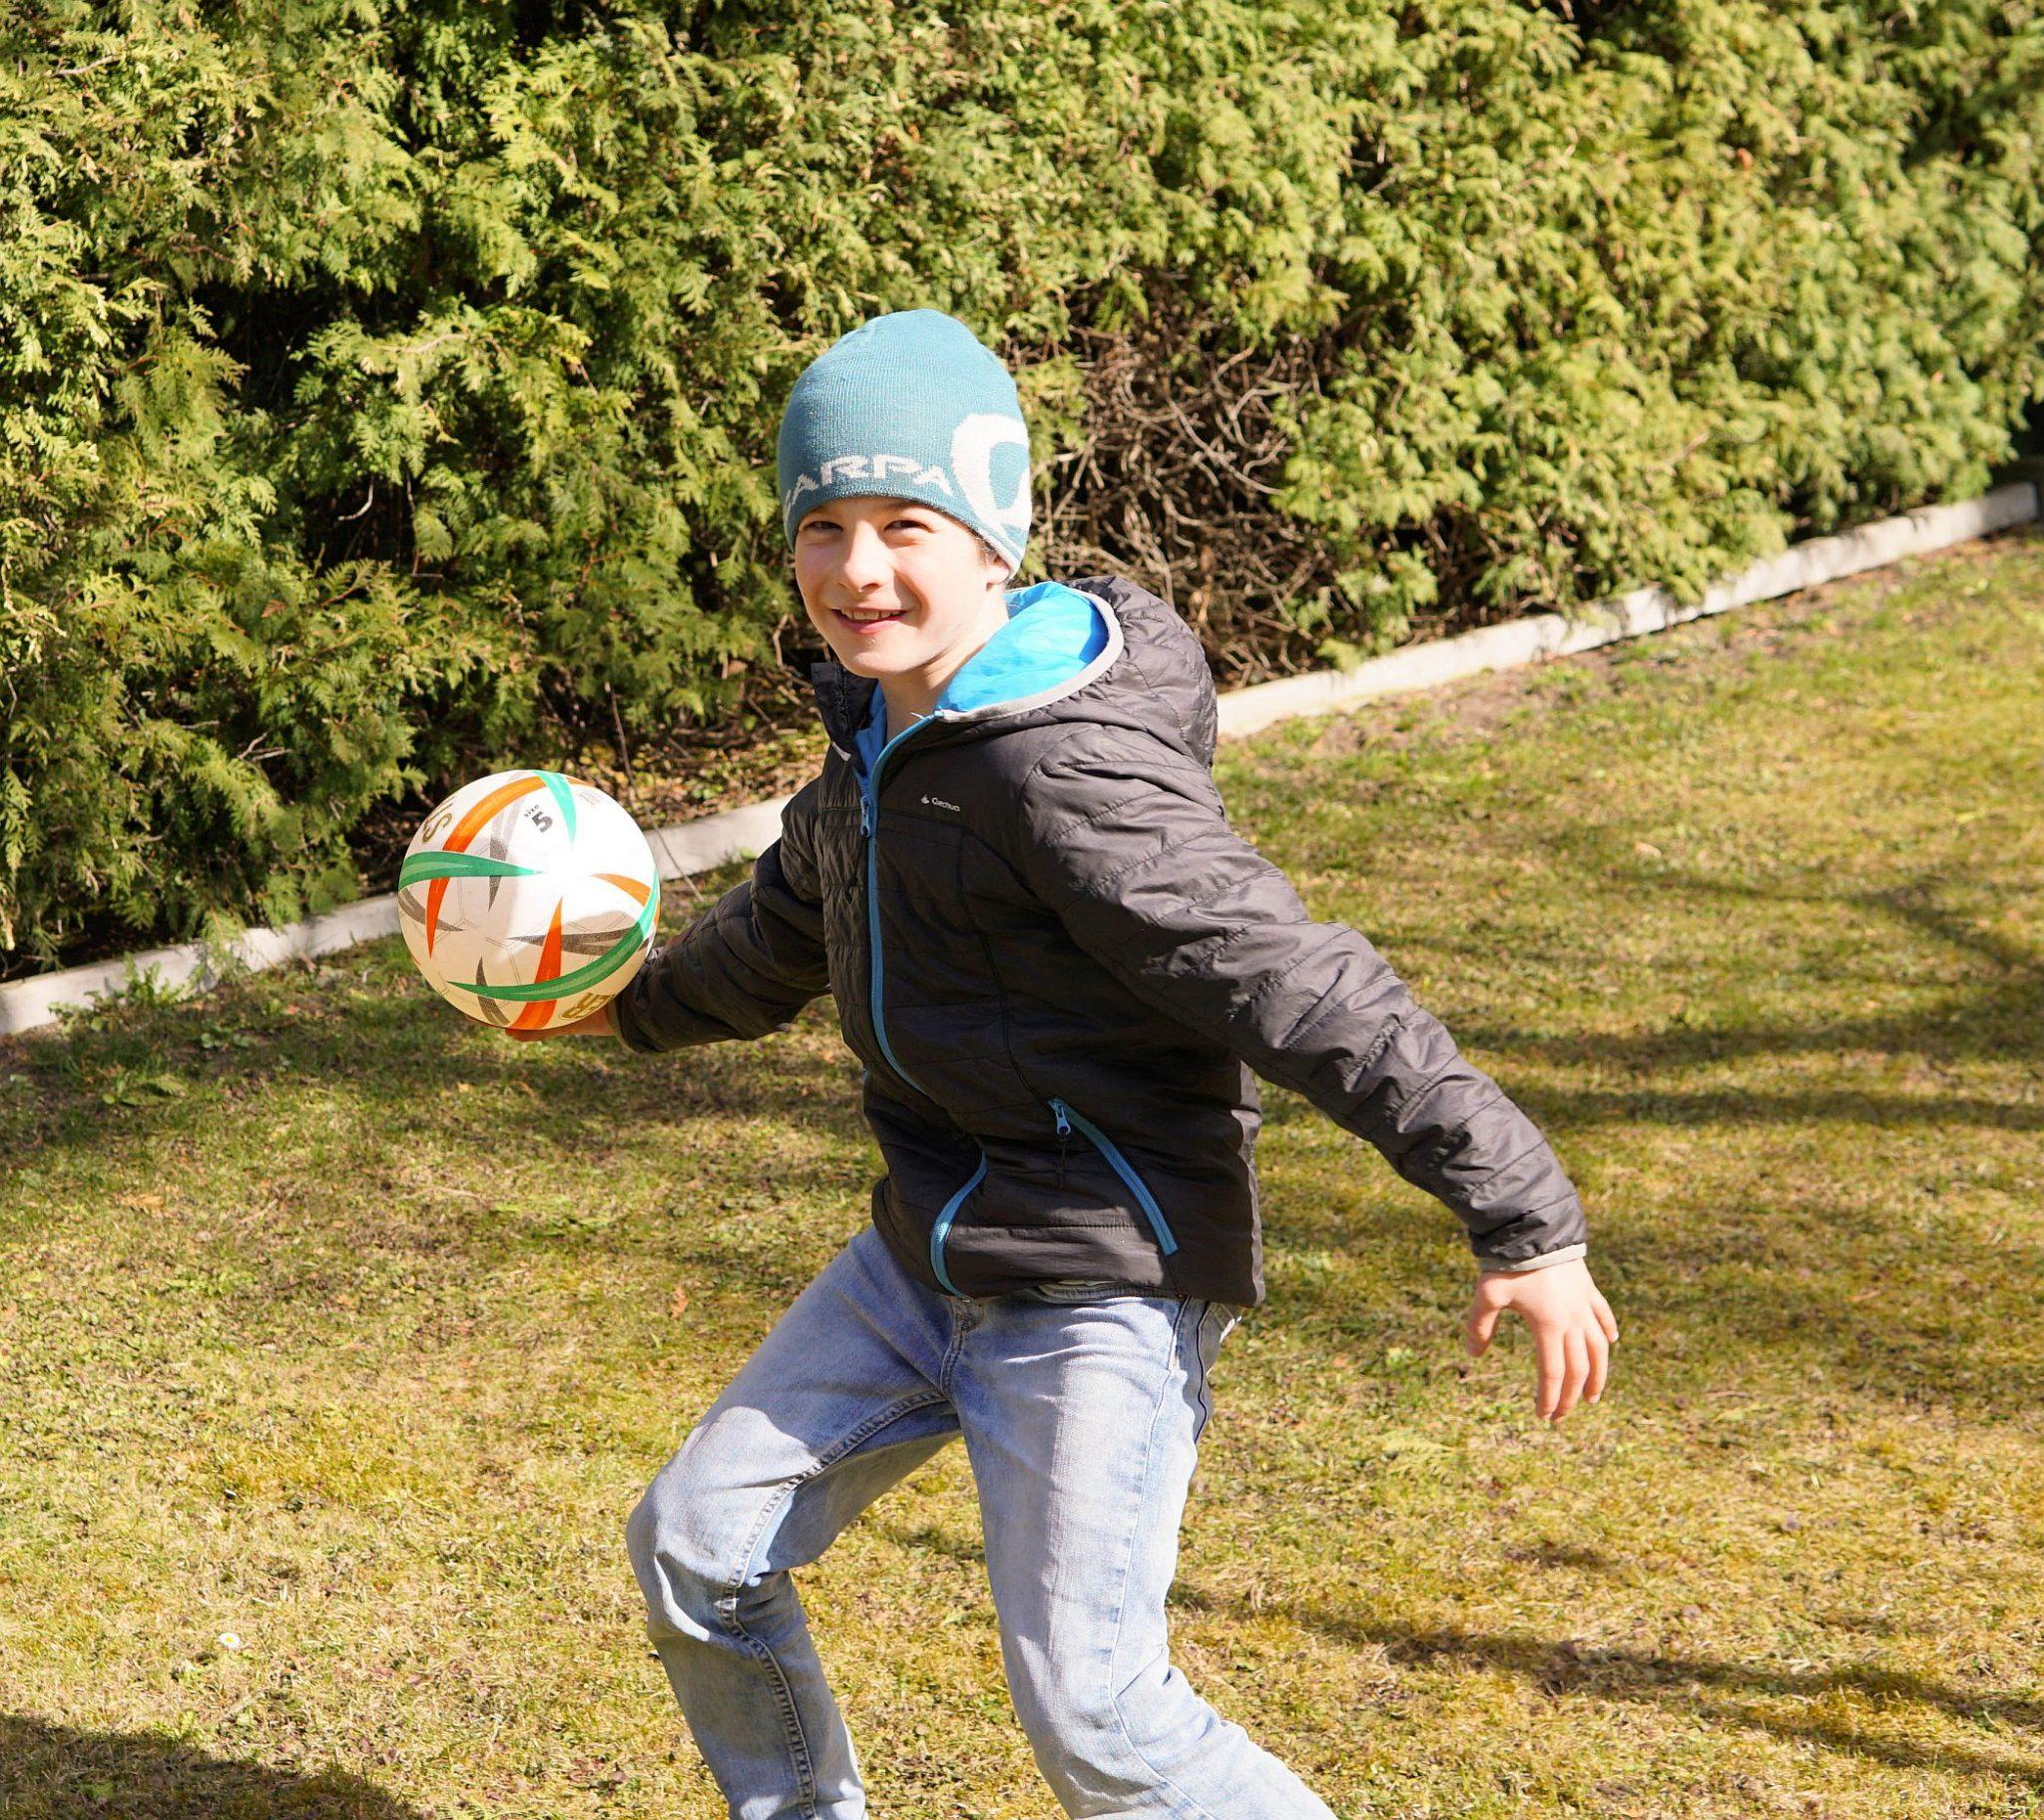 Das Kletterspiel Teamball